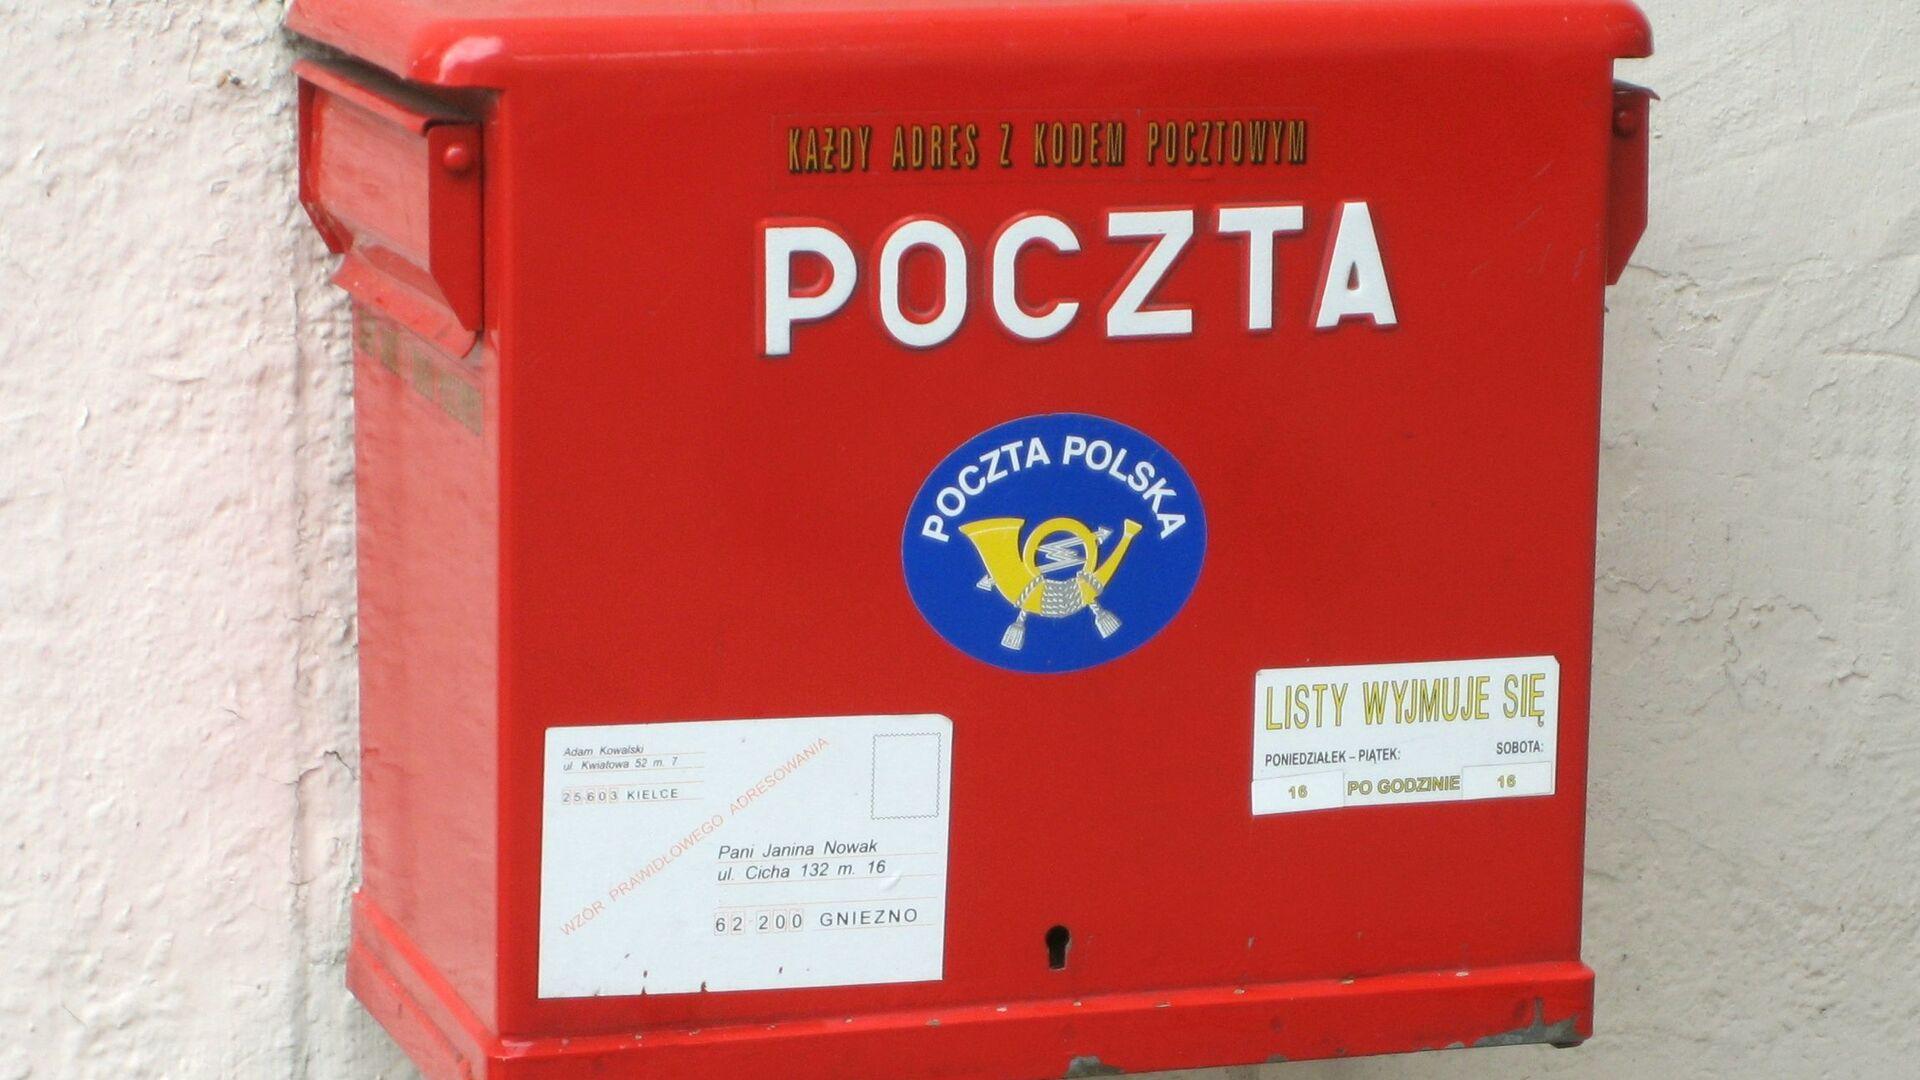 Skrzynka pocztowa Poczty Polskiej - Sputnik Polska, 1920, 13.05.2021